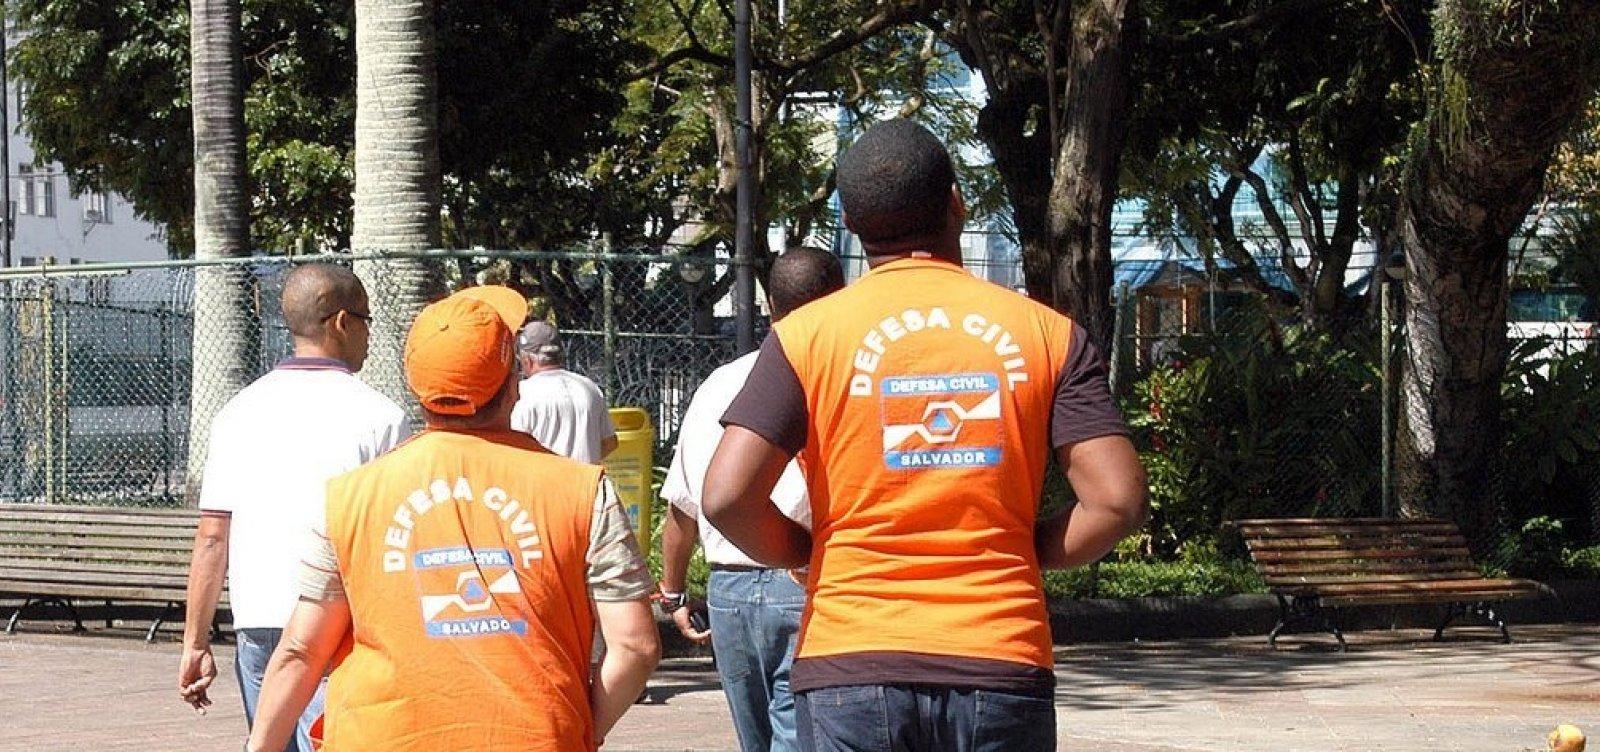 Defesa Civil registra 65 solicitações ligadas à chuva em Salvador